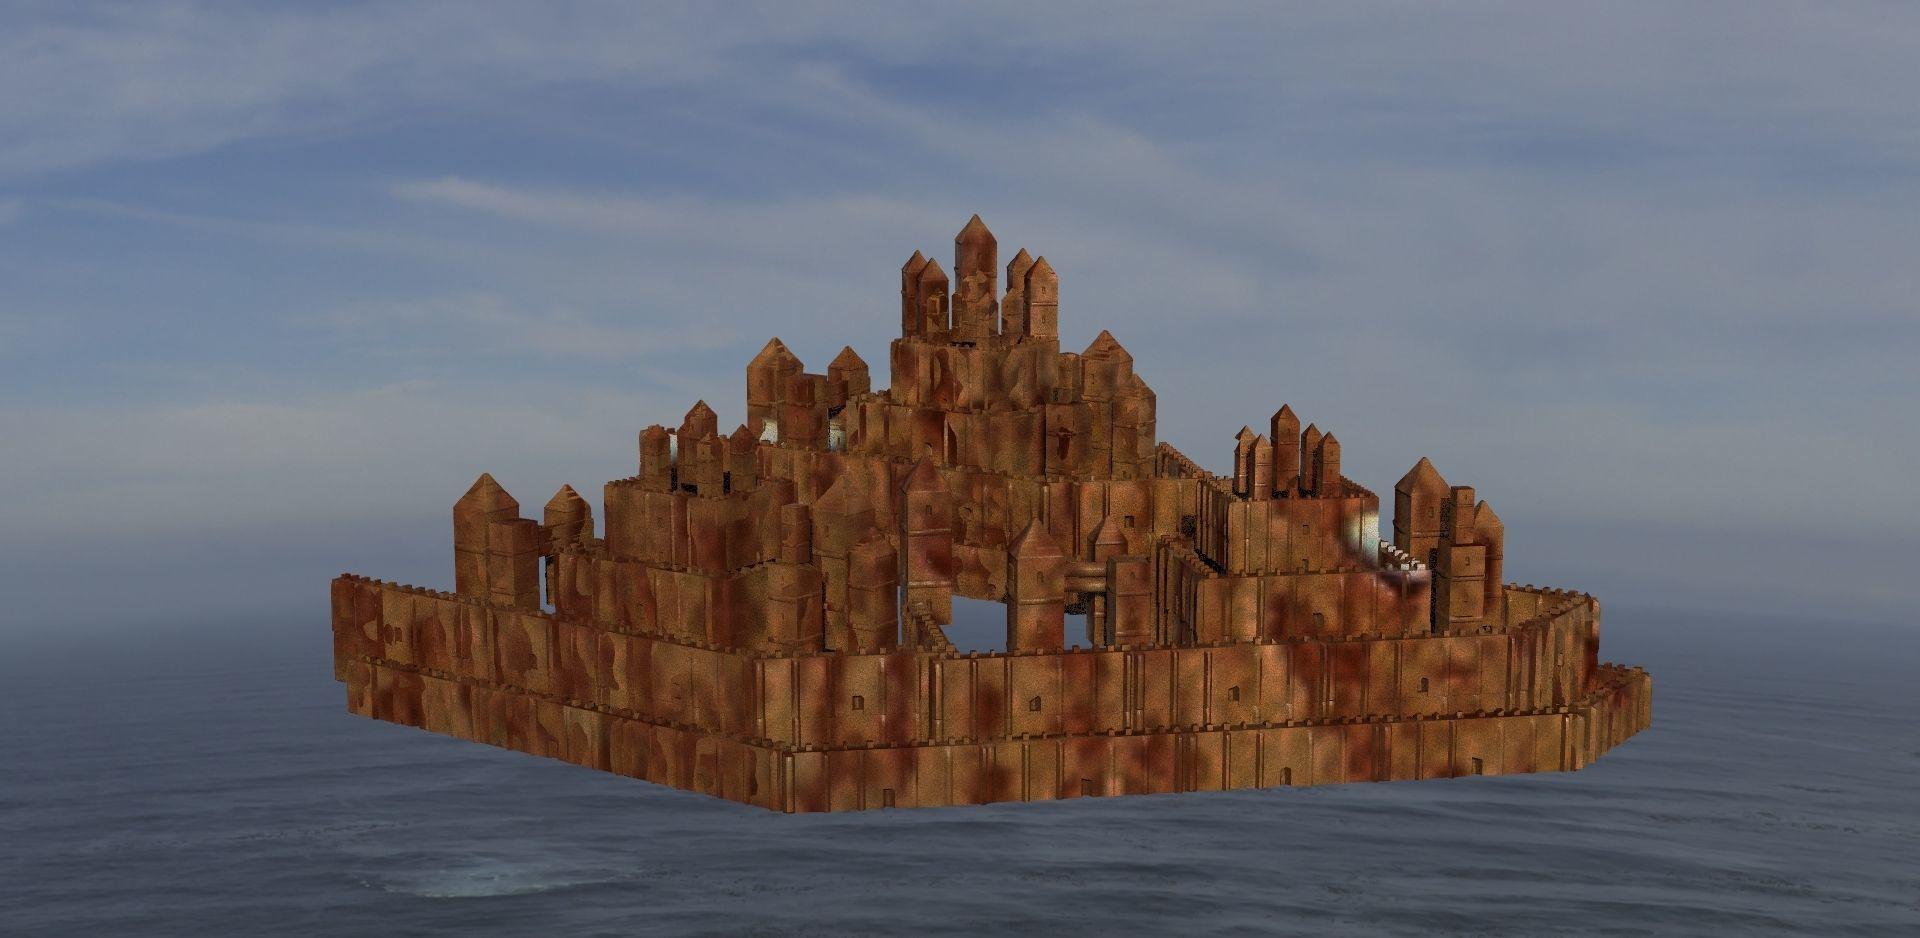 Castle model Toy